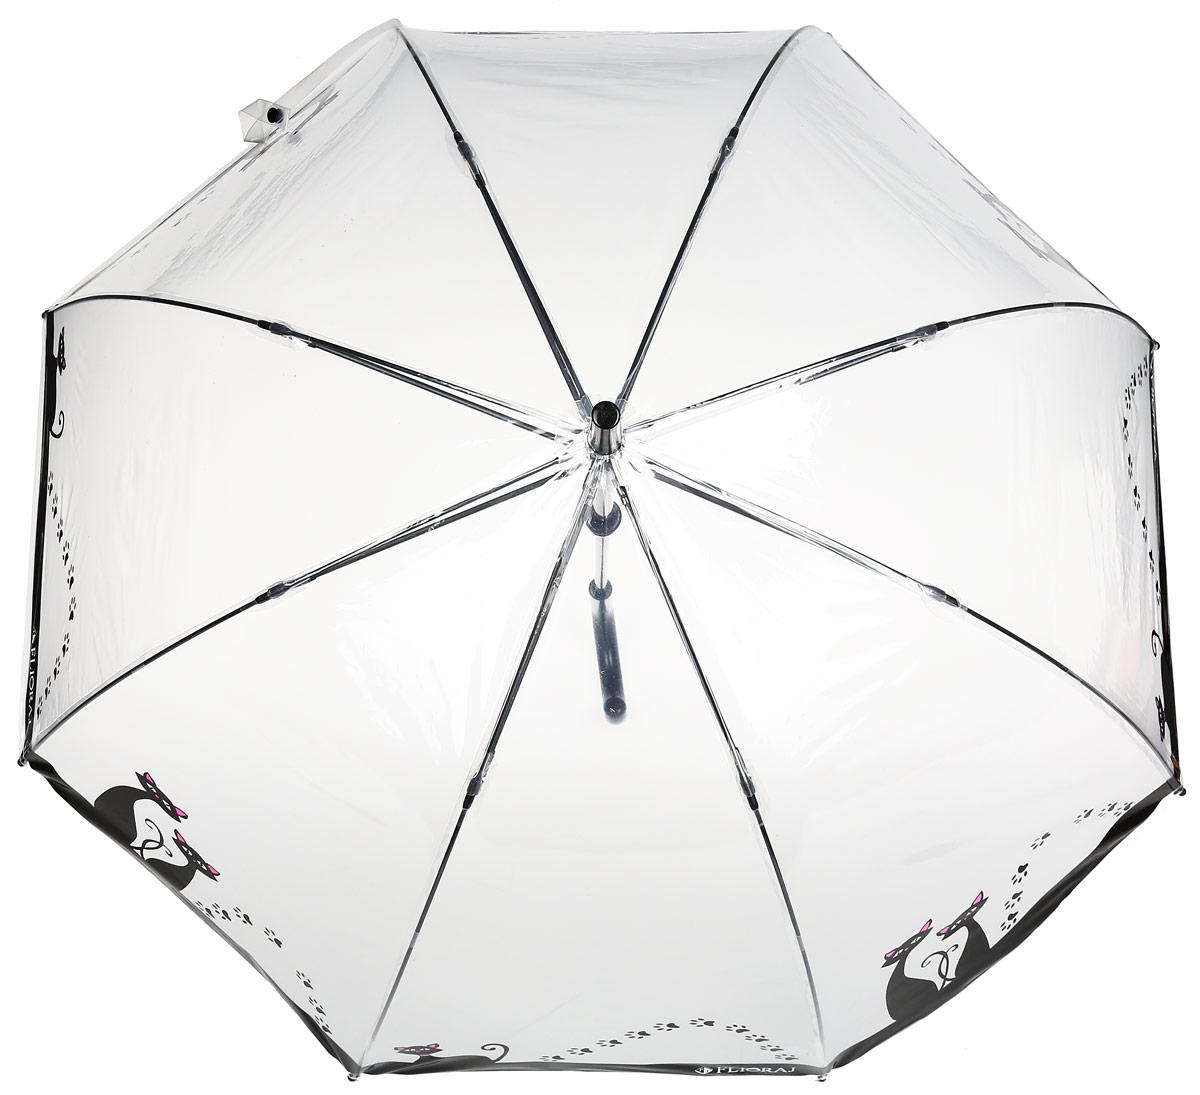 Зонт женский Flioraj, механика, трость, цвет: белый, черный. 121205 FJ121205 FJЭлегантный зонт FJ. Уникальный каркас из анодированной стали, карбоновые спицы помогут выдержать натиск ураганного ветра. Улучшенный механизм зонта, максимально комфортная ручка держателя, увеличенный в длину стержень, тефлоновая пропитка материала купола - совершенство конструкции с изысканностью изделия на фоне конкурентоспособной цены.